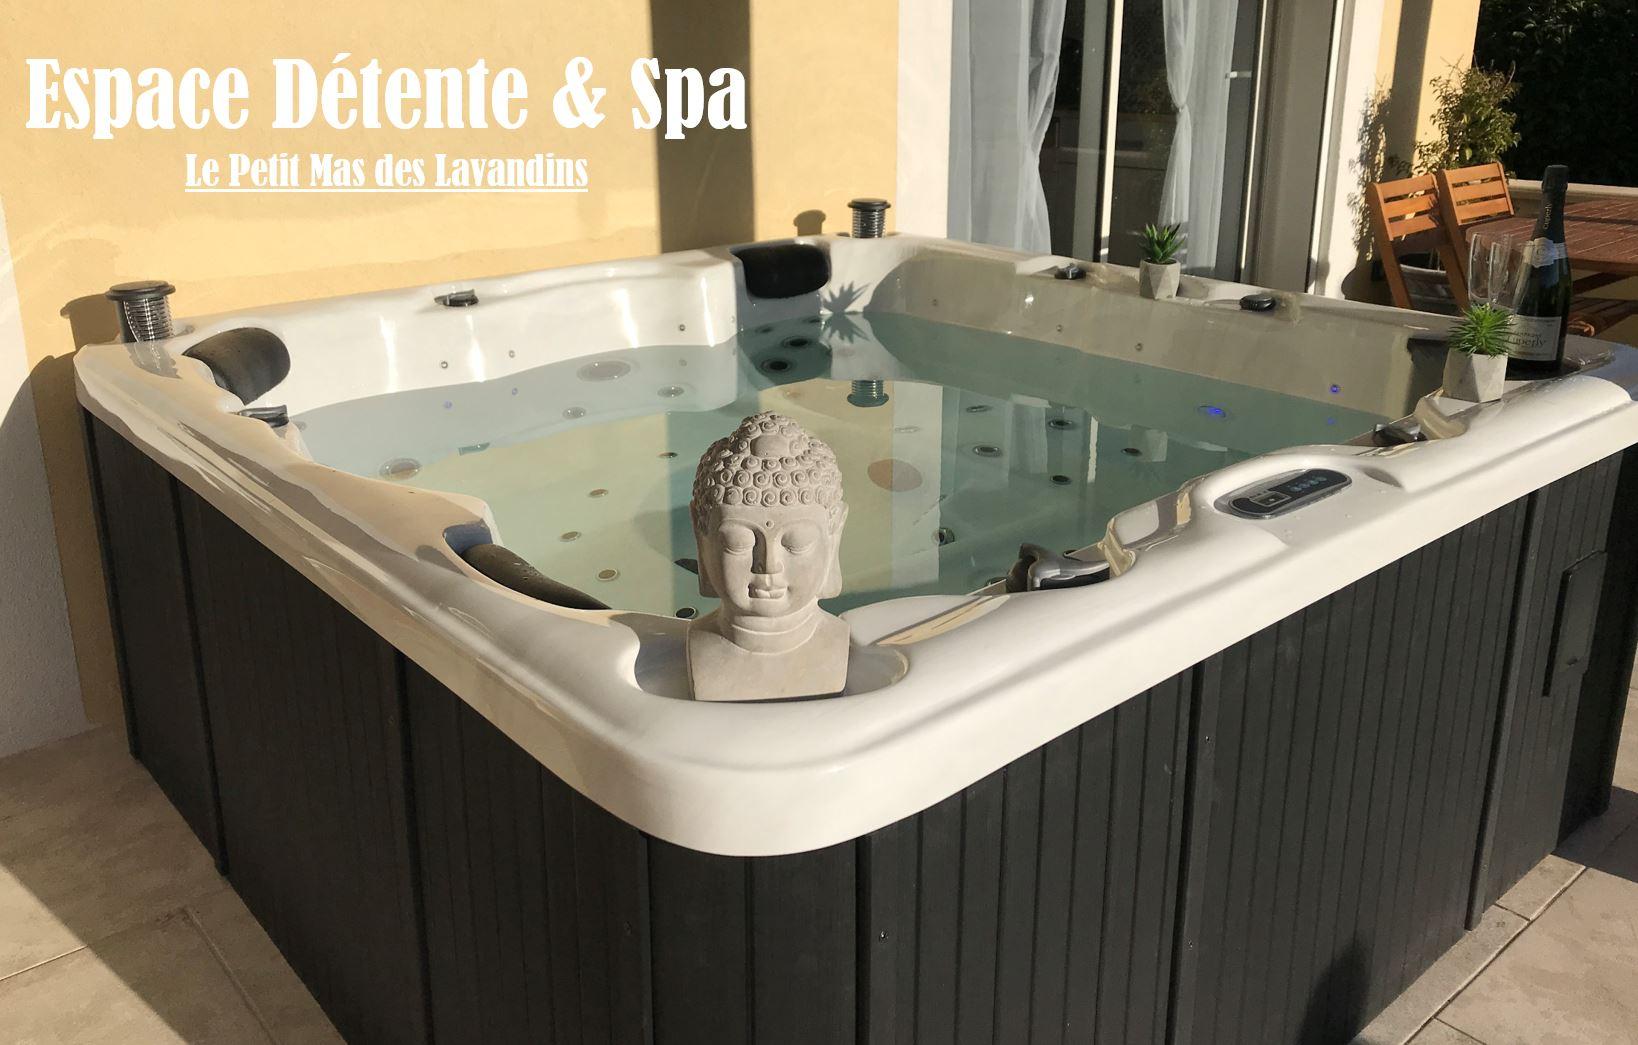 Accueil - Location Maison Vacances Avec Piscine Et Spa En ... dedans Jacuzzi Pour Jardin